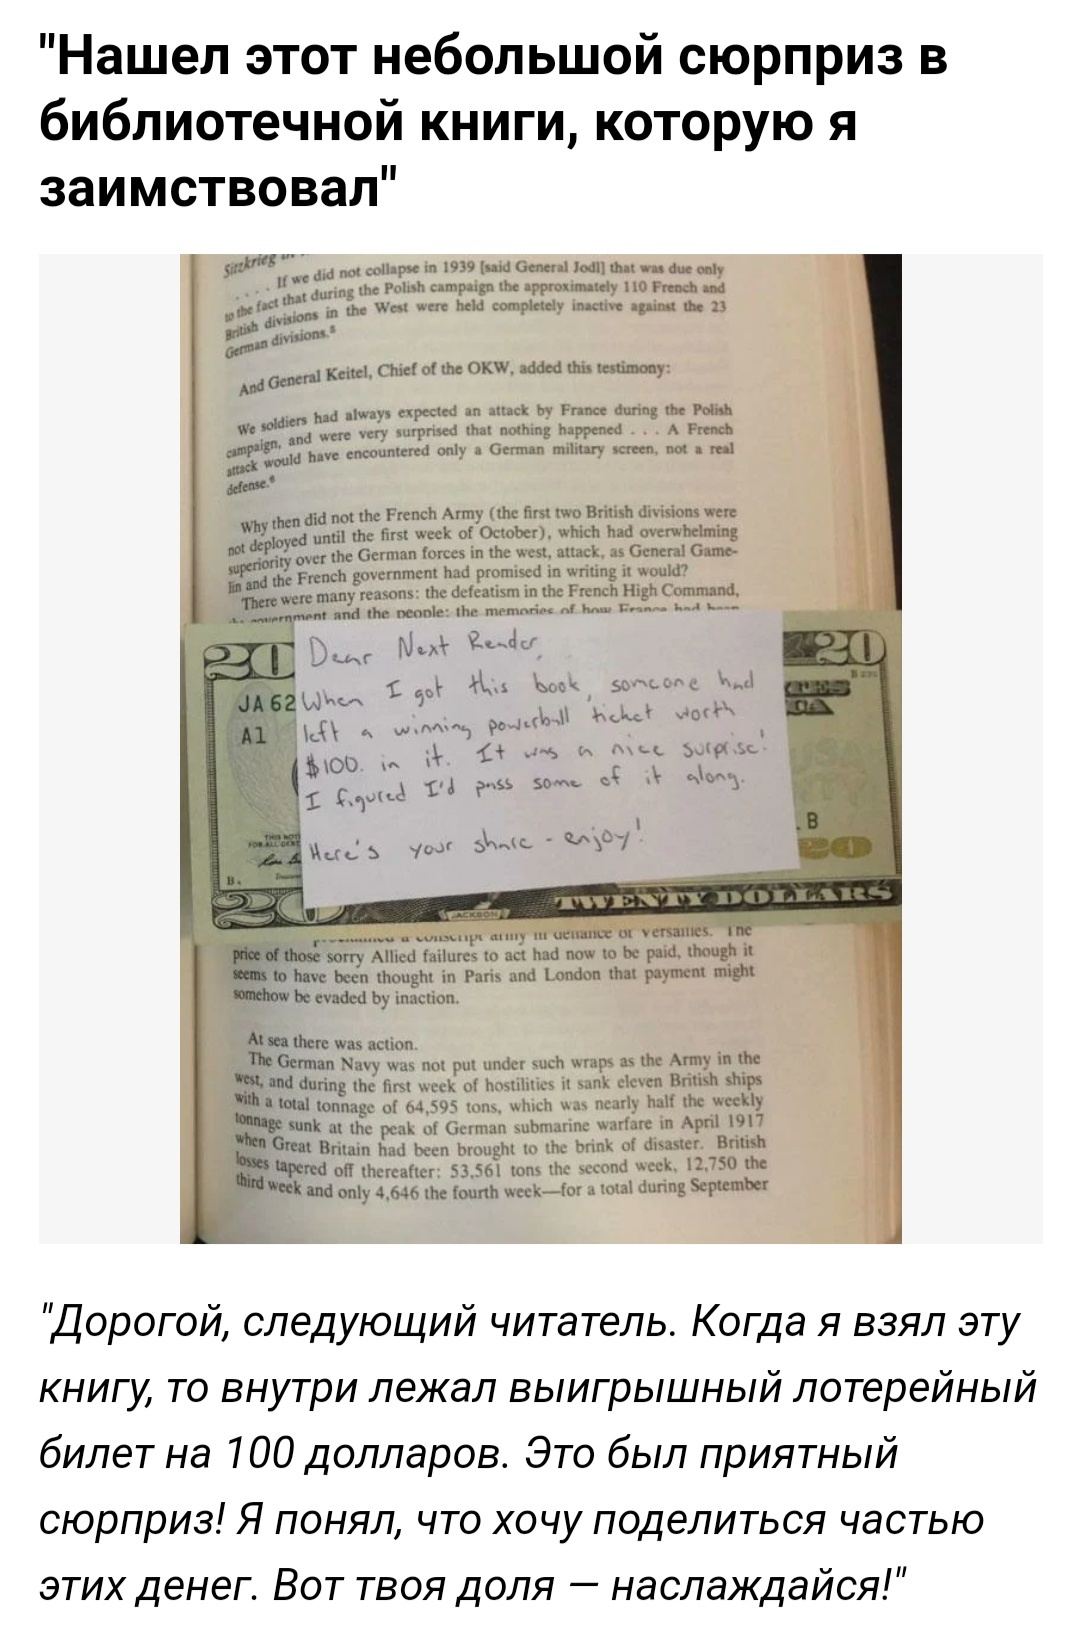 Удивительные вещи, оставленные в книгах